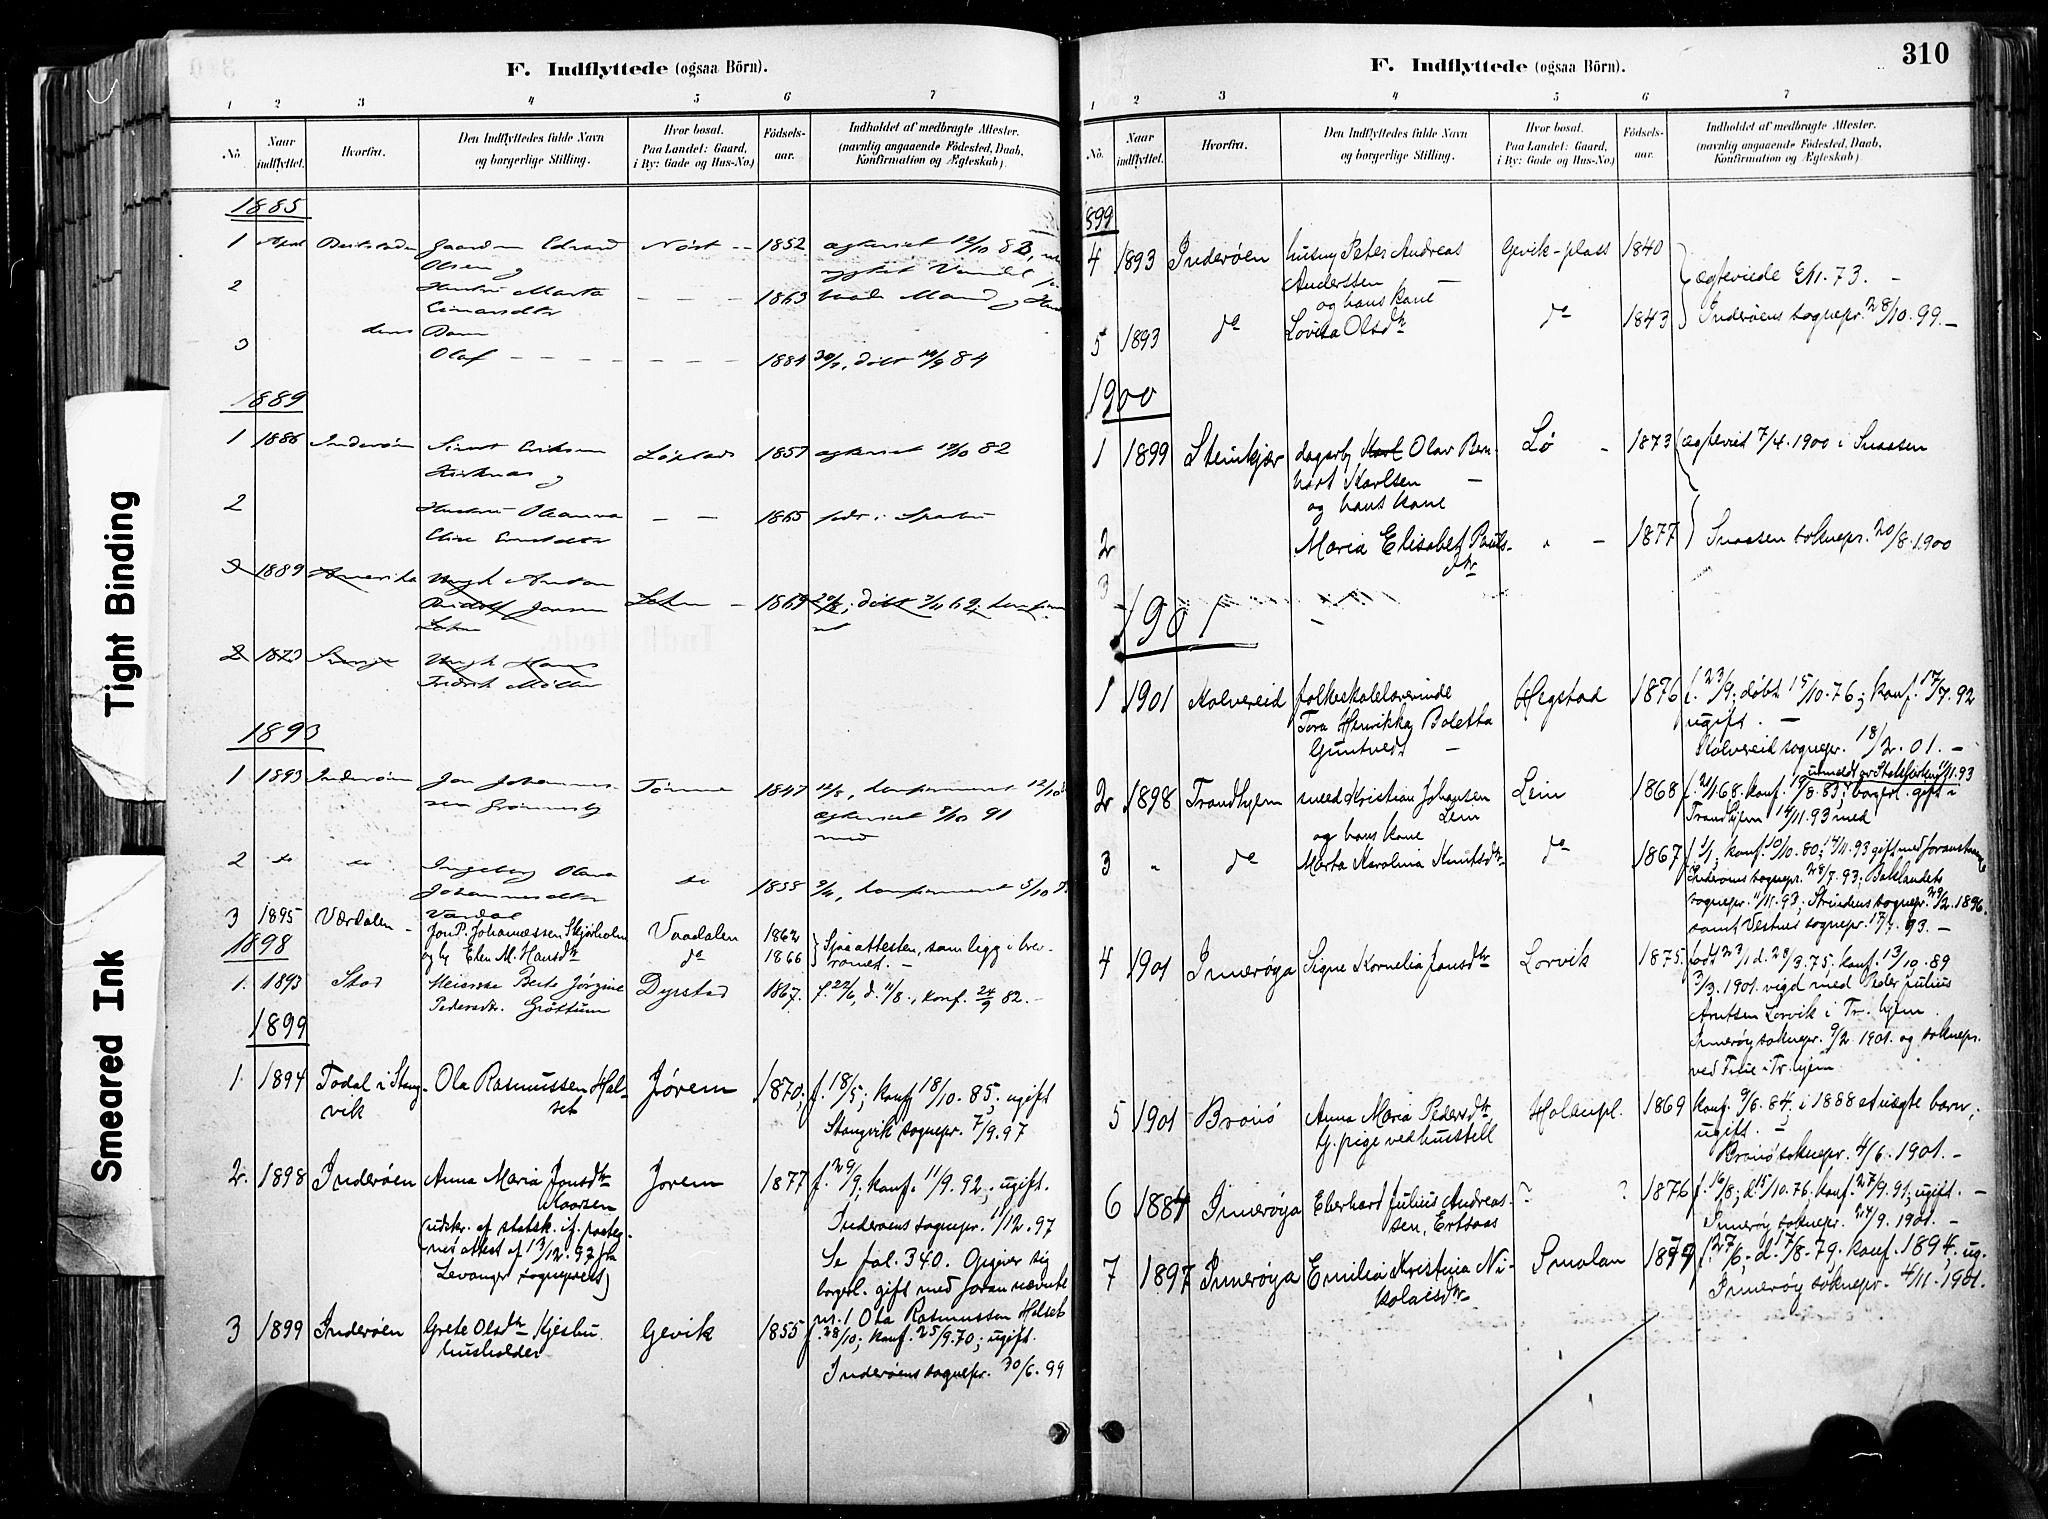 SAT, Ministerialprotokoller, klokkerbøker og fødselsregistre - Nord-Trøndelag, 735/L0351: Ministerialbok nr. 735A10, 1884-1908, s. 310